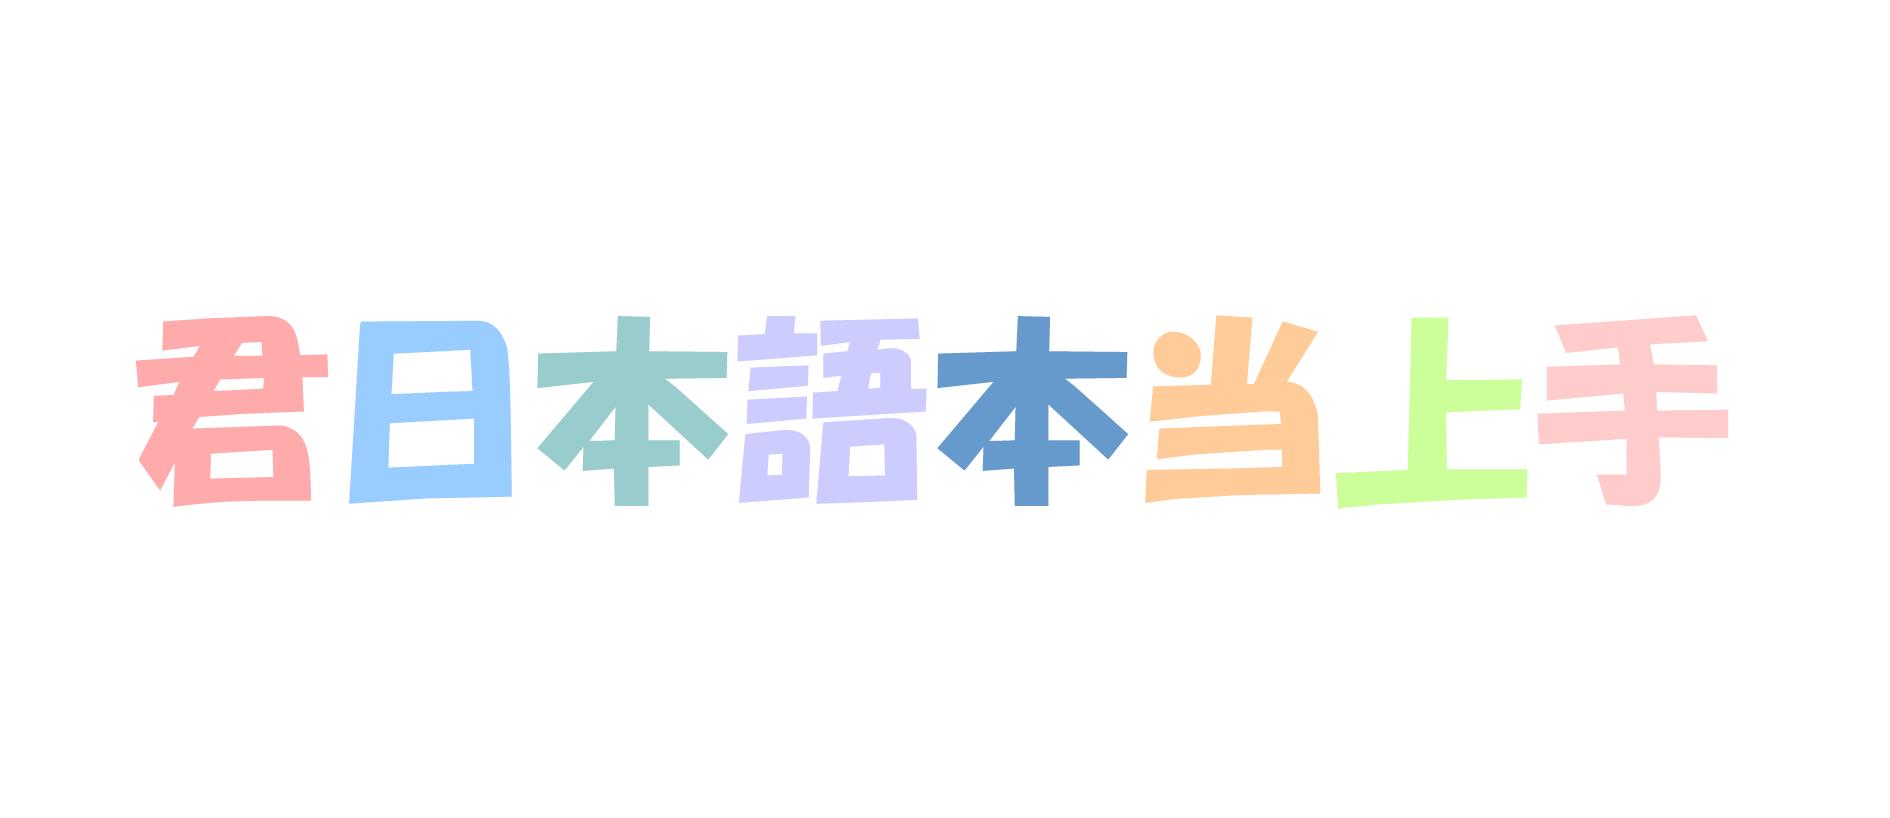 日本语——「を」的用法总结